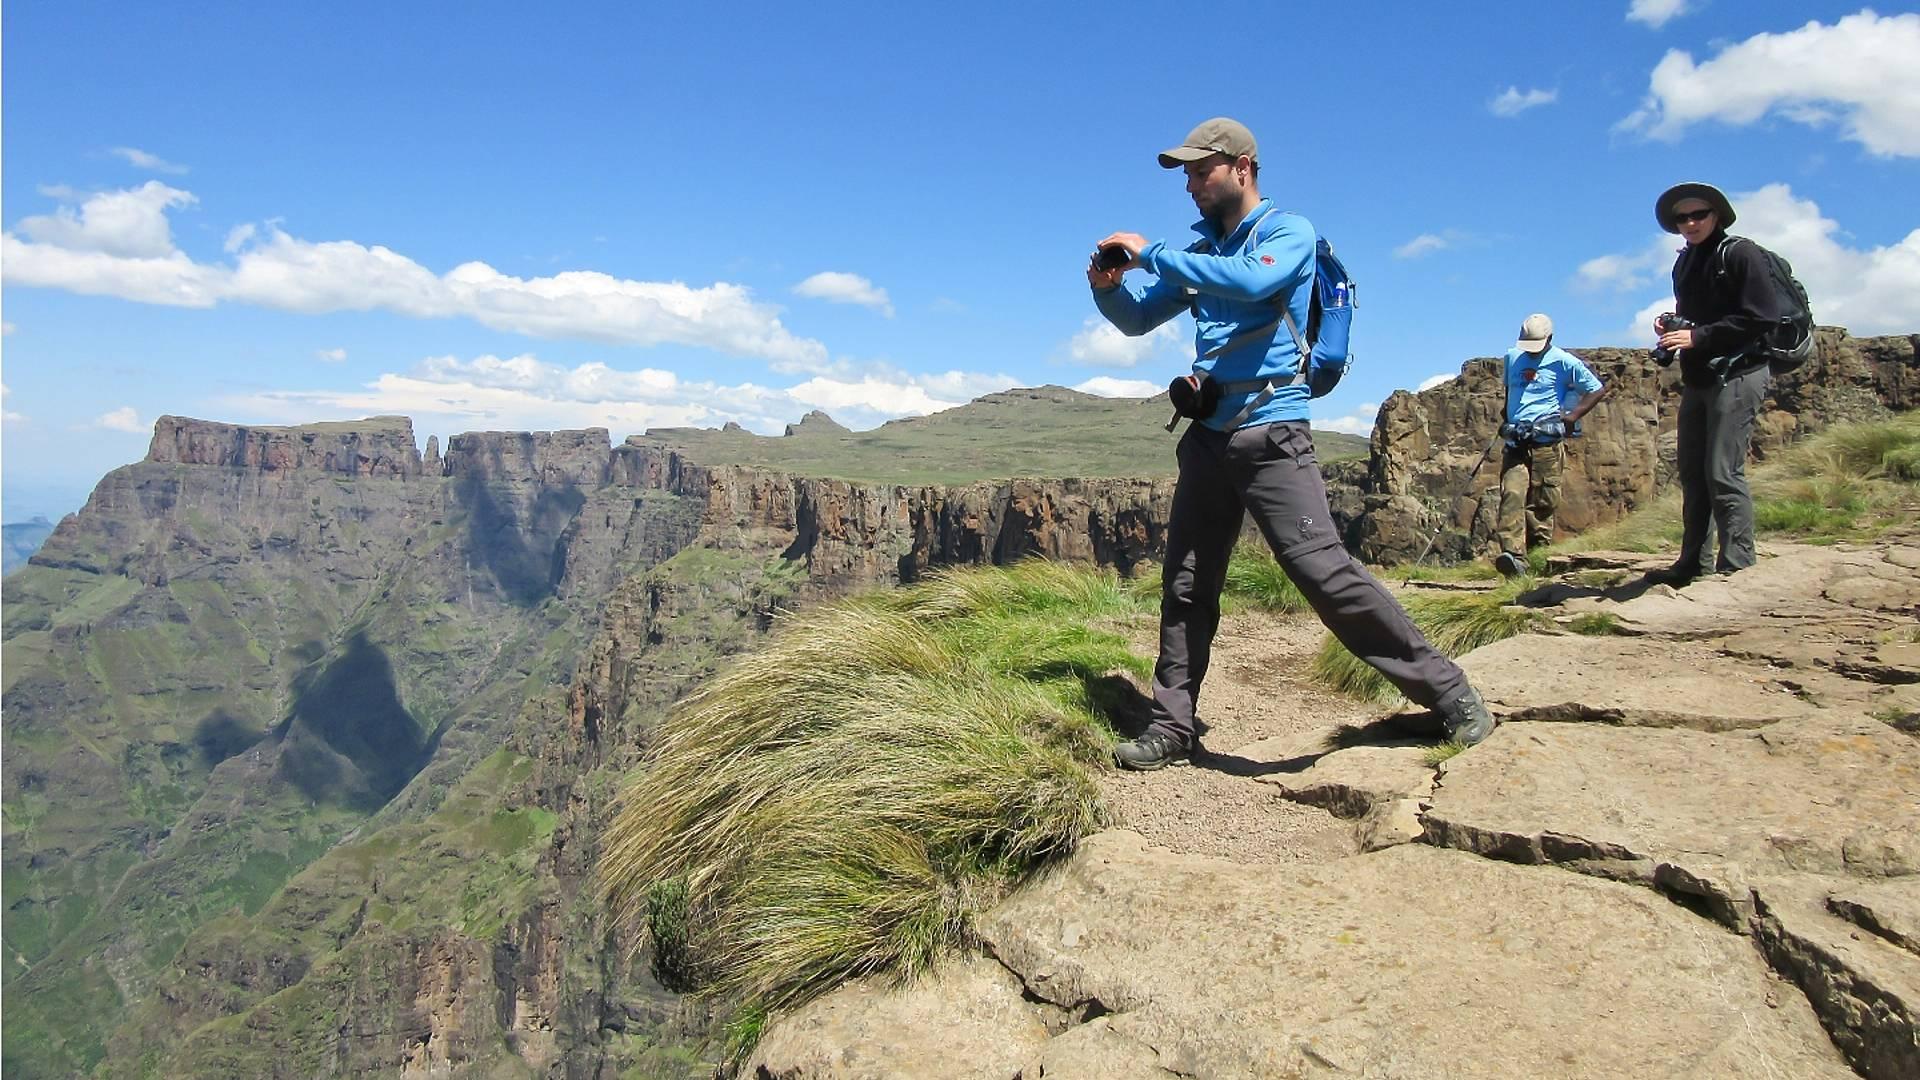 Gruppenreise: Safariwanderungen durch atemberaubende Landschaften